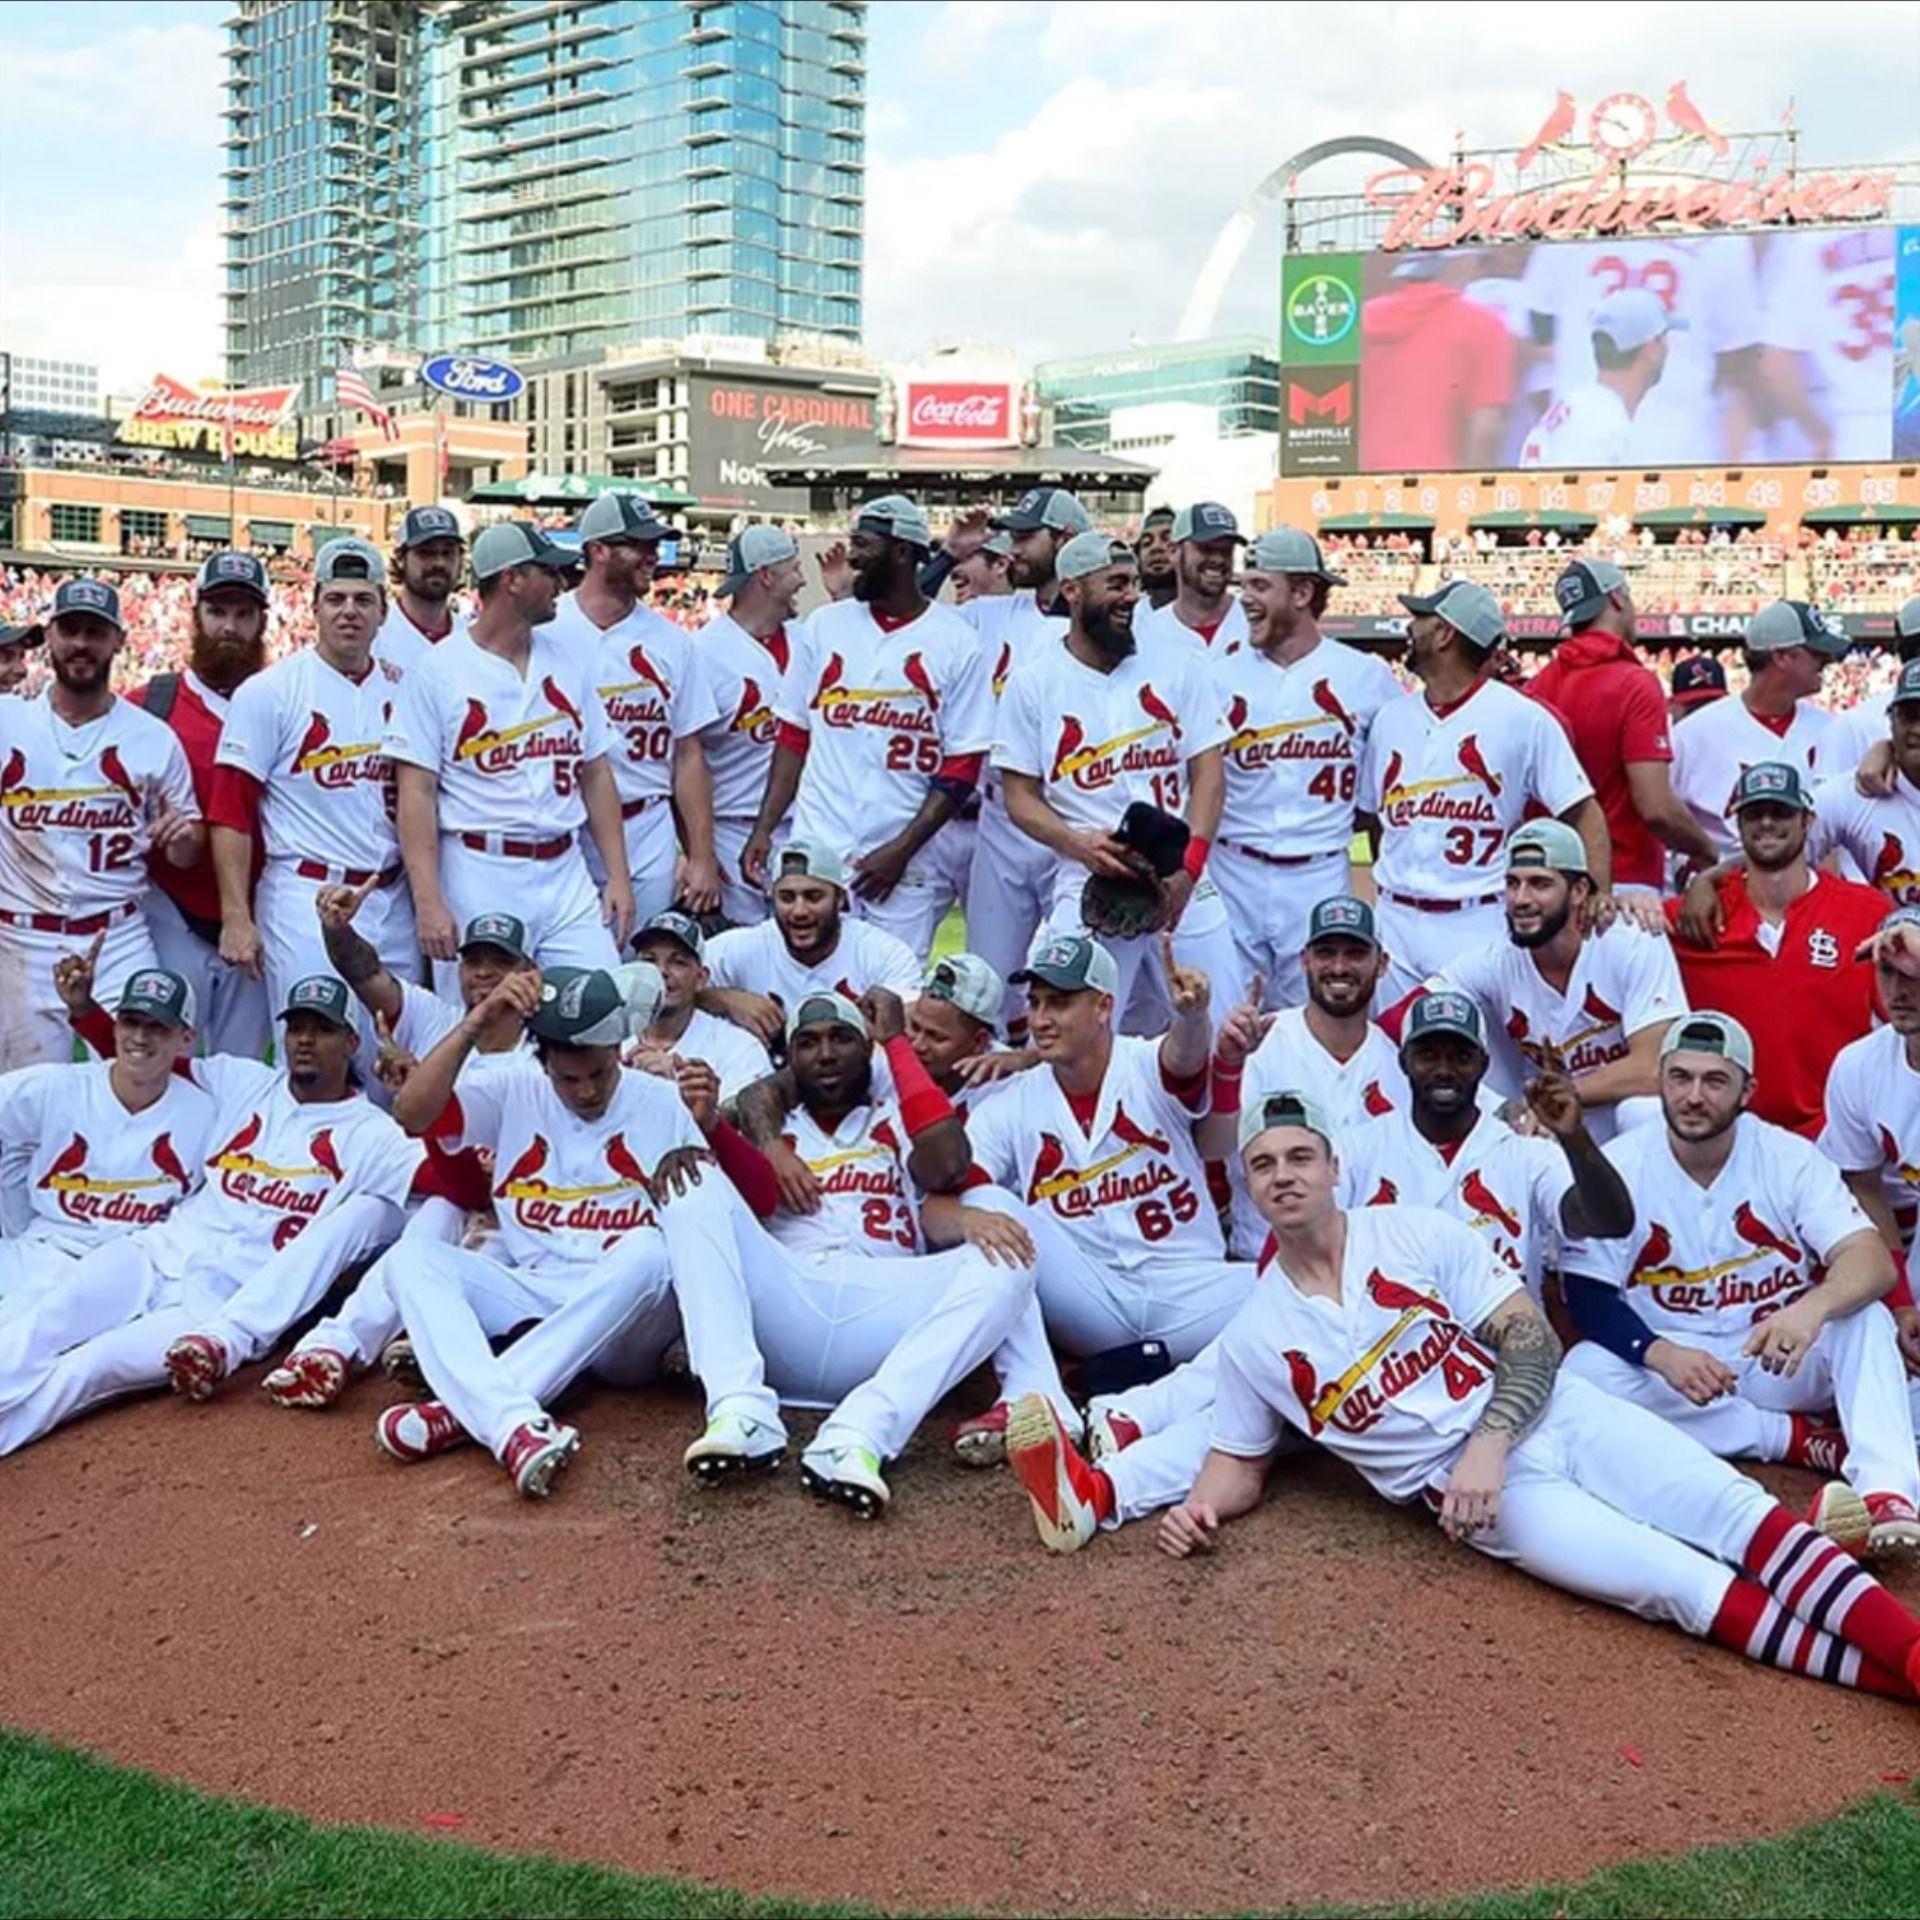 The St Louis Cardinals Louis Cardinals Professional Baseball